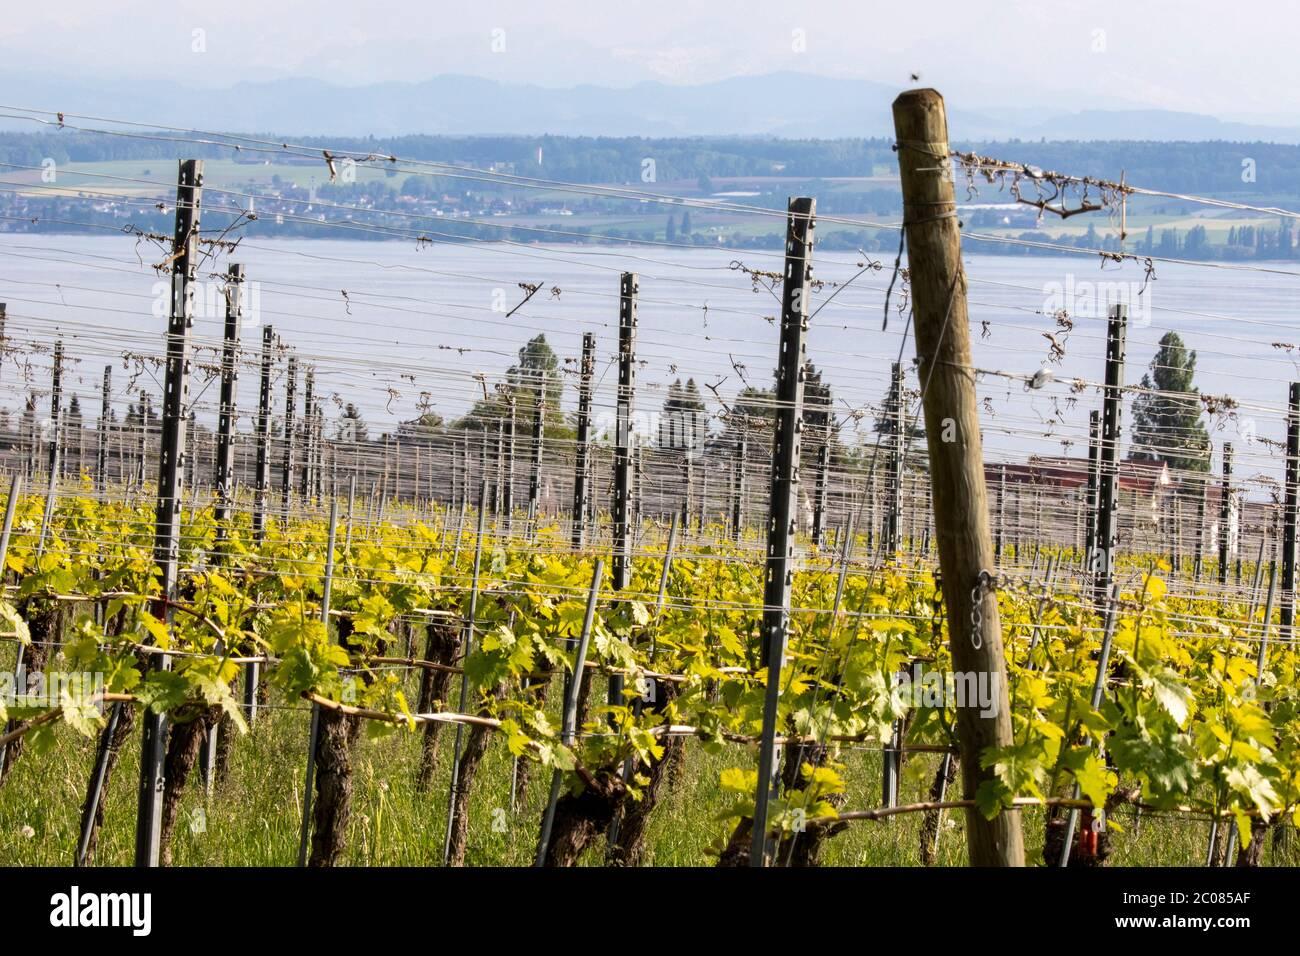 Weinanbau in der Erziehungsphase. Hagnau, 08.05.2020 Stock Photo